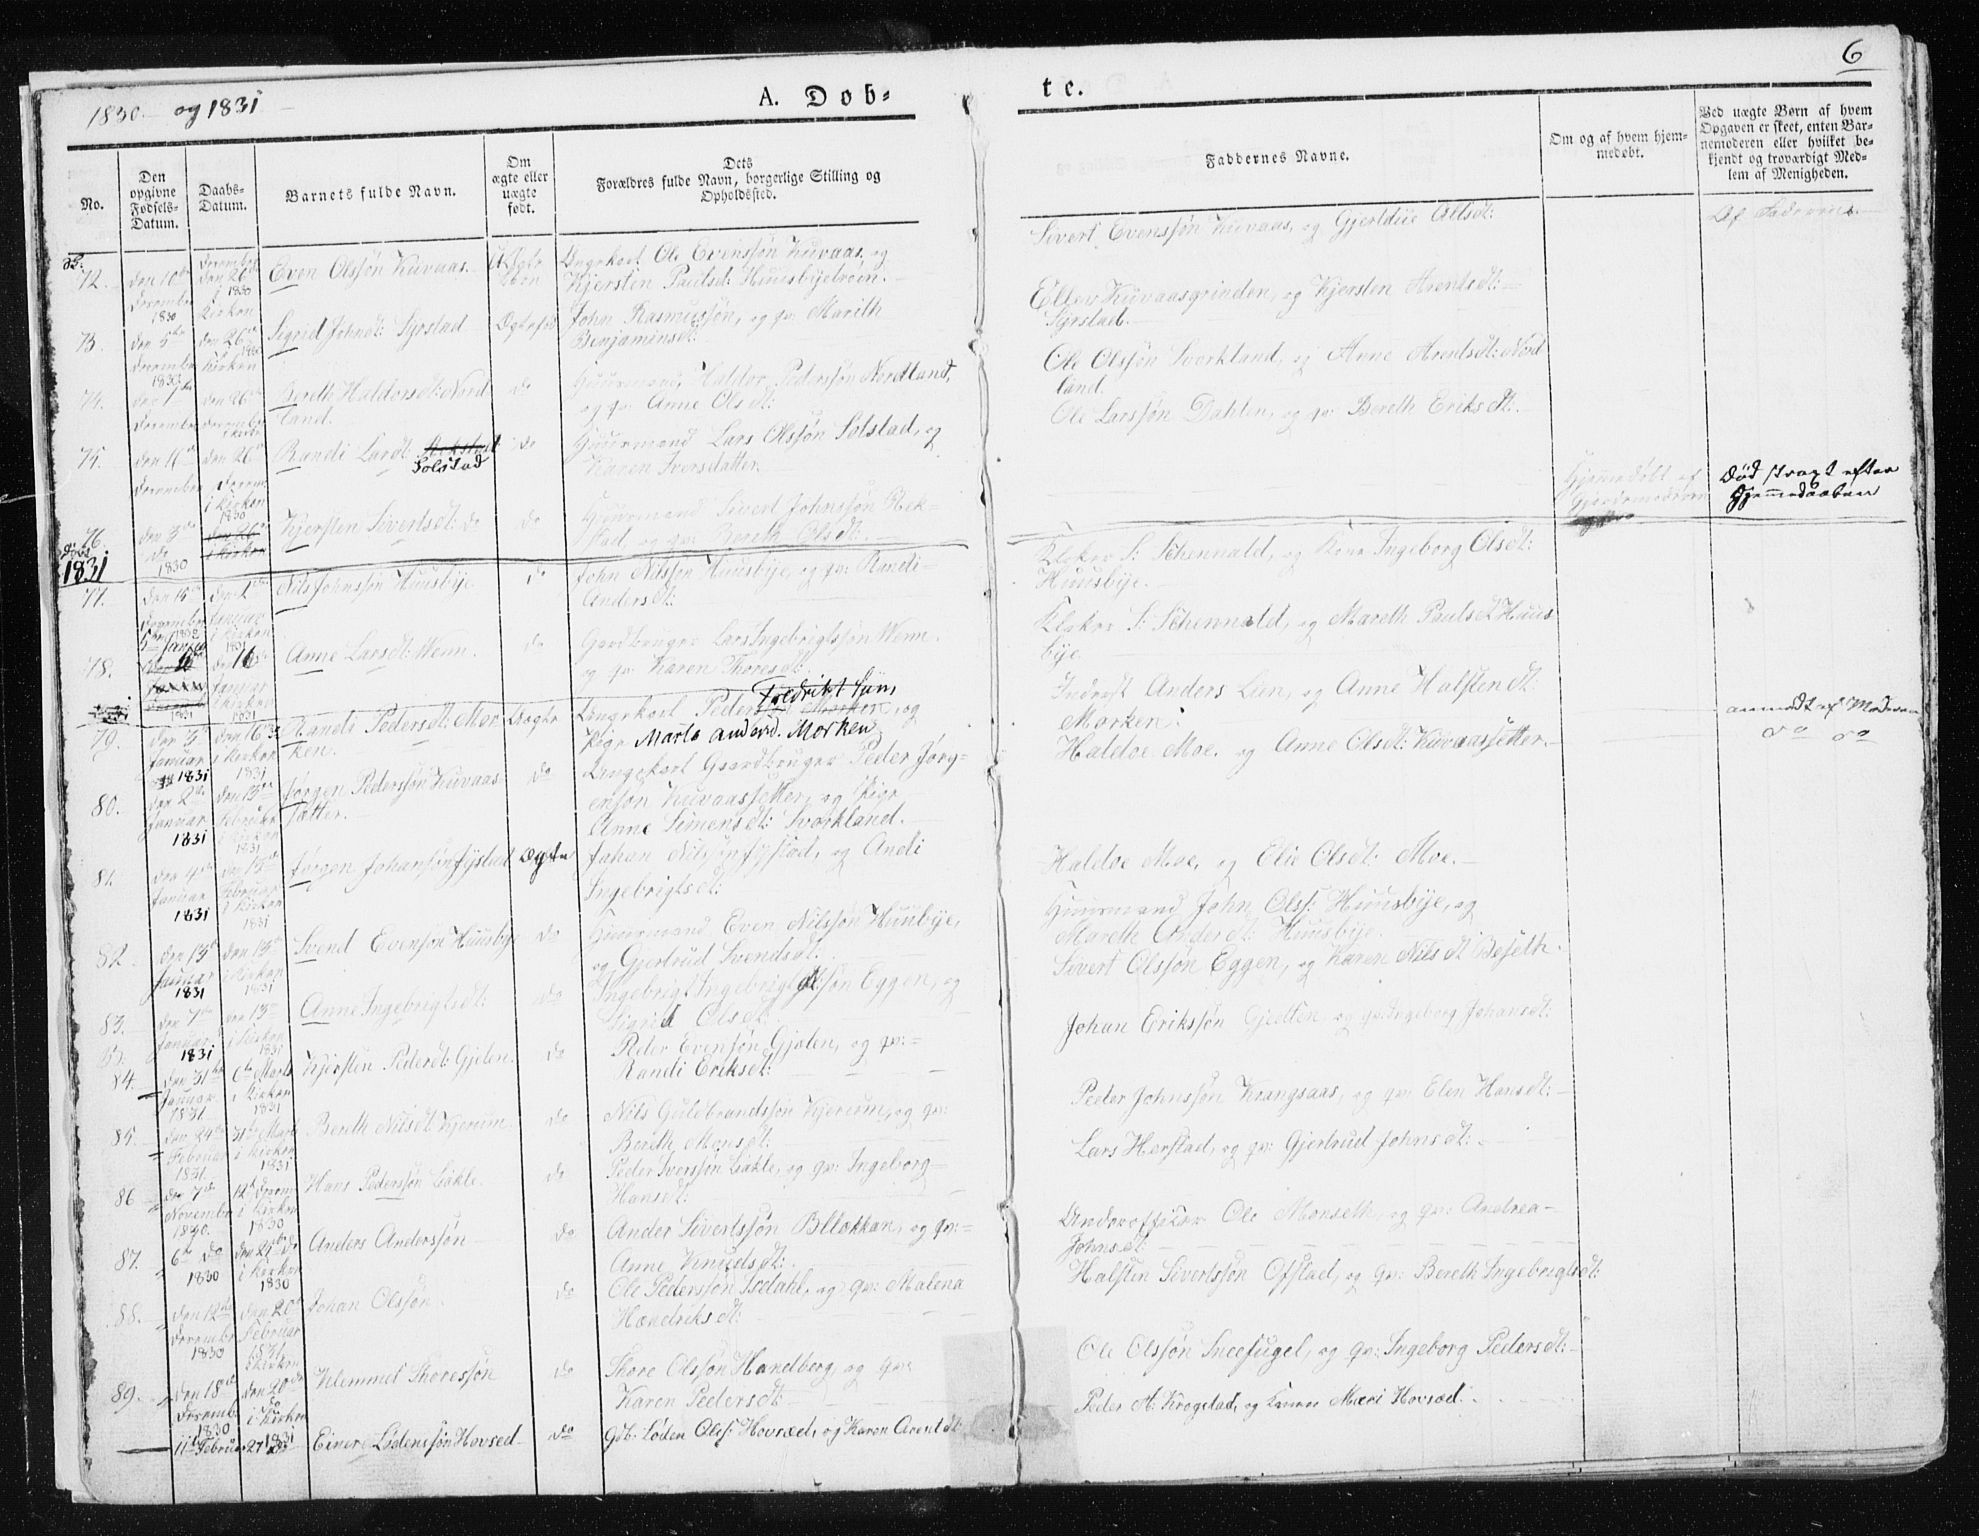 SAT, Ministerialprotokoller, klokkerbøker og fødselsregistre - Sør-Trøndelag, 665/L0771: Ministerialbok nr. 665A06, 1830-1856, s. 6